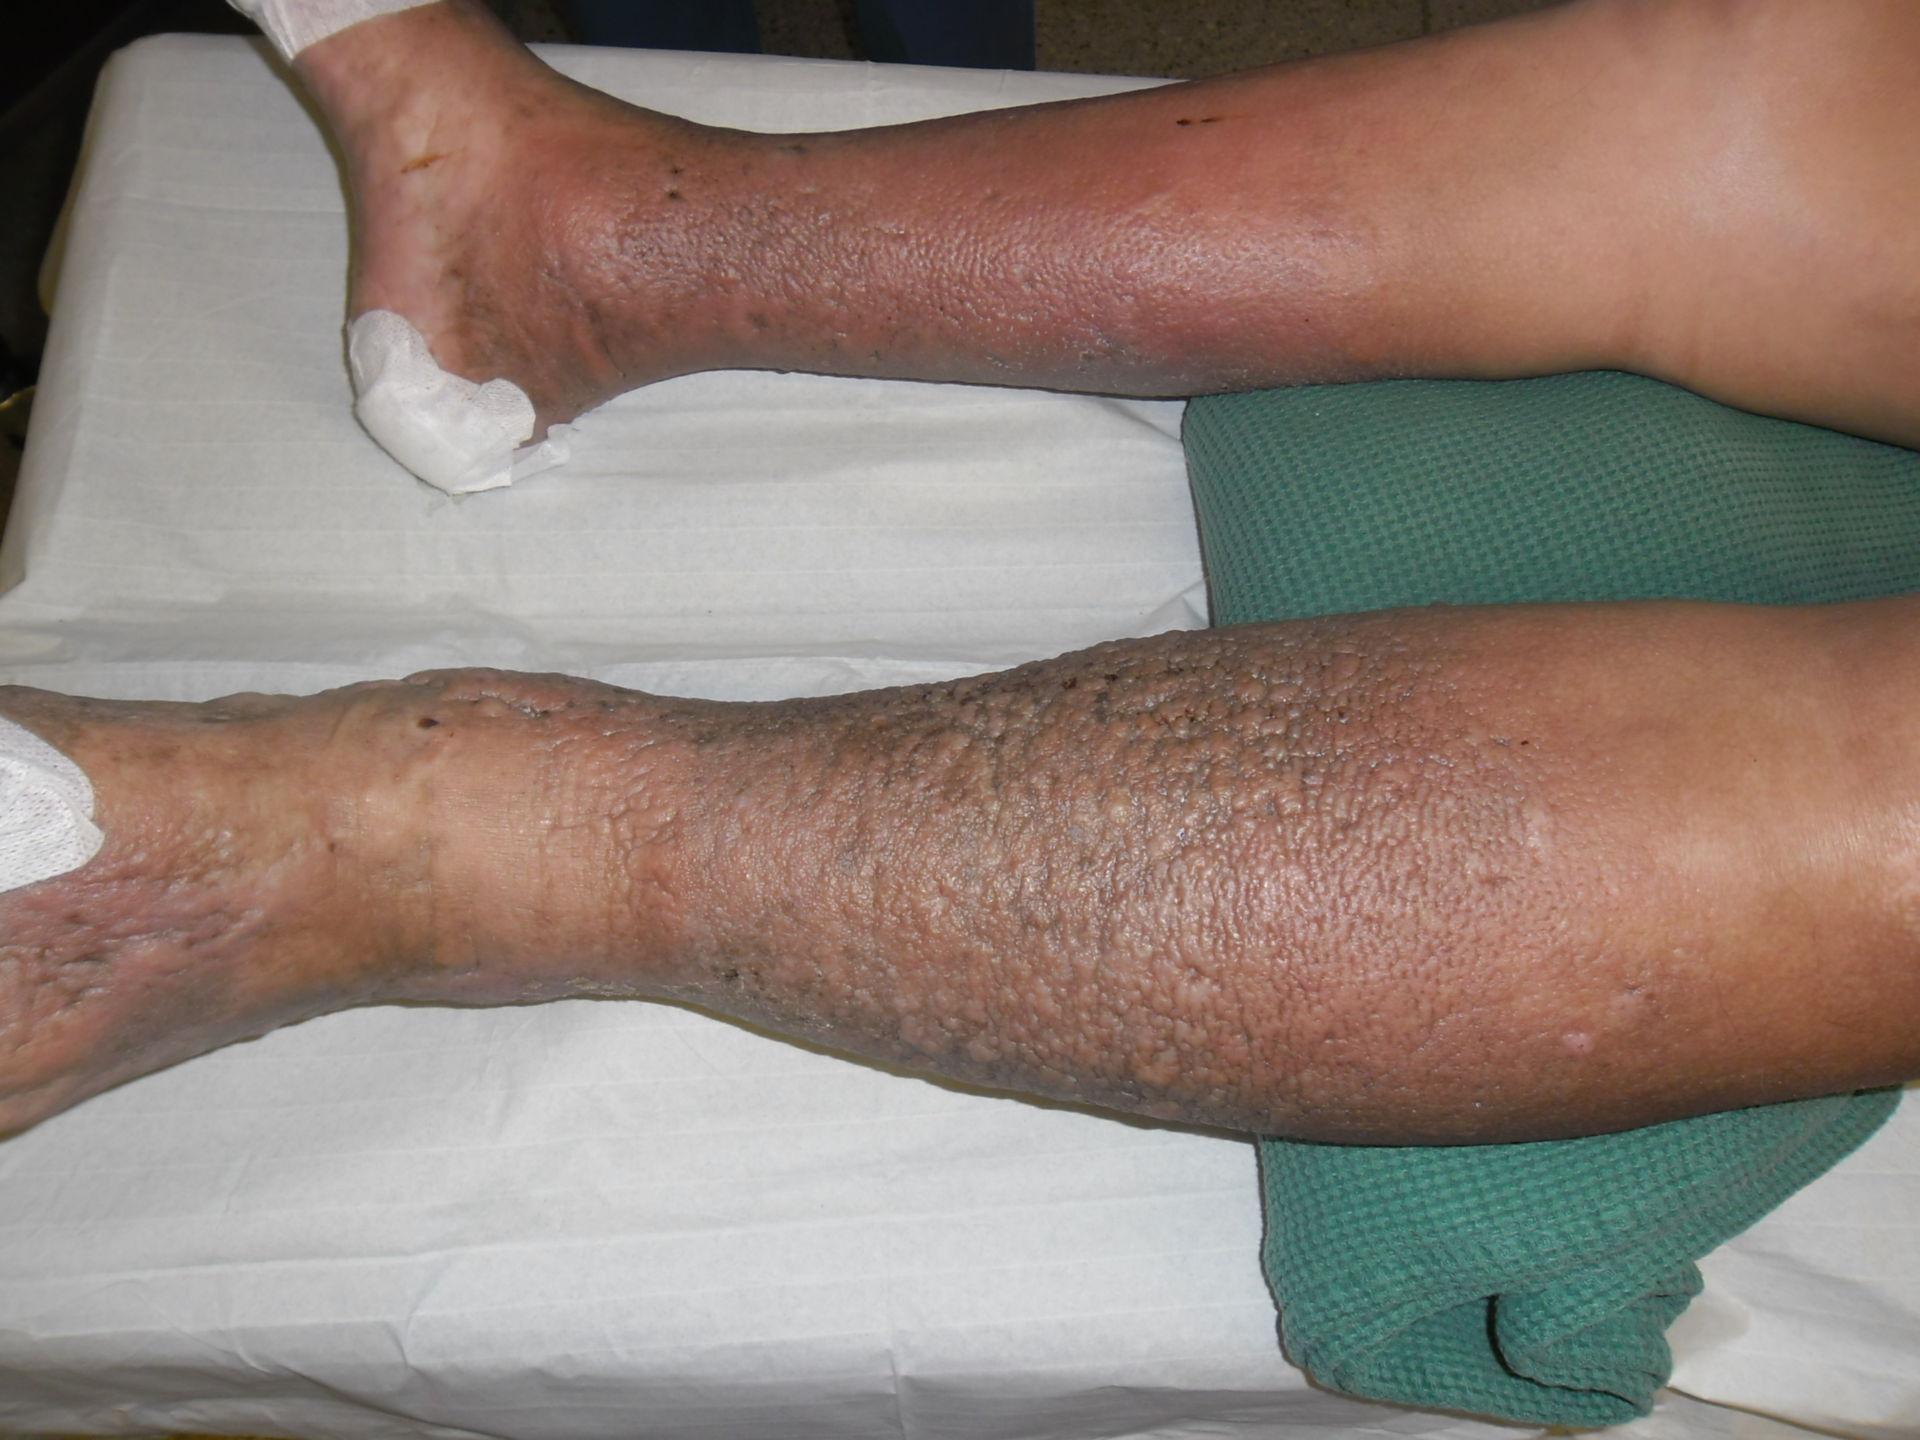 Dermatosi, stasi della gamba